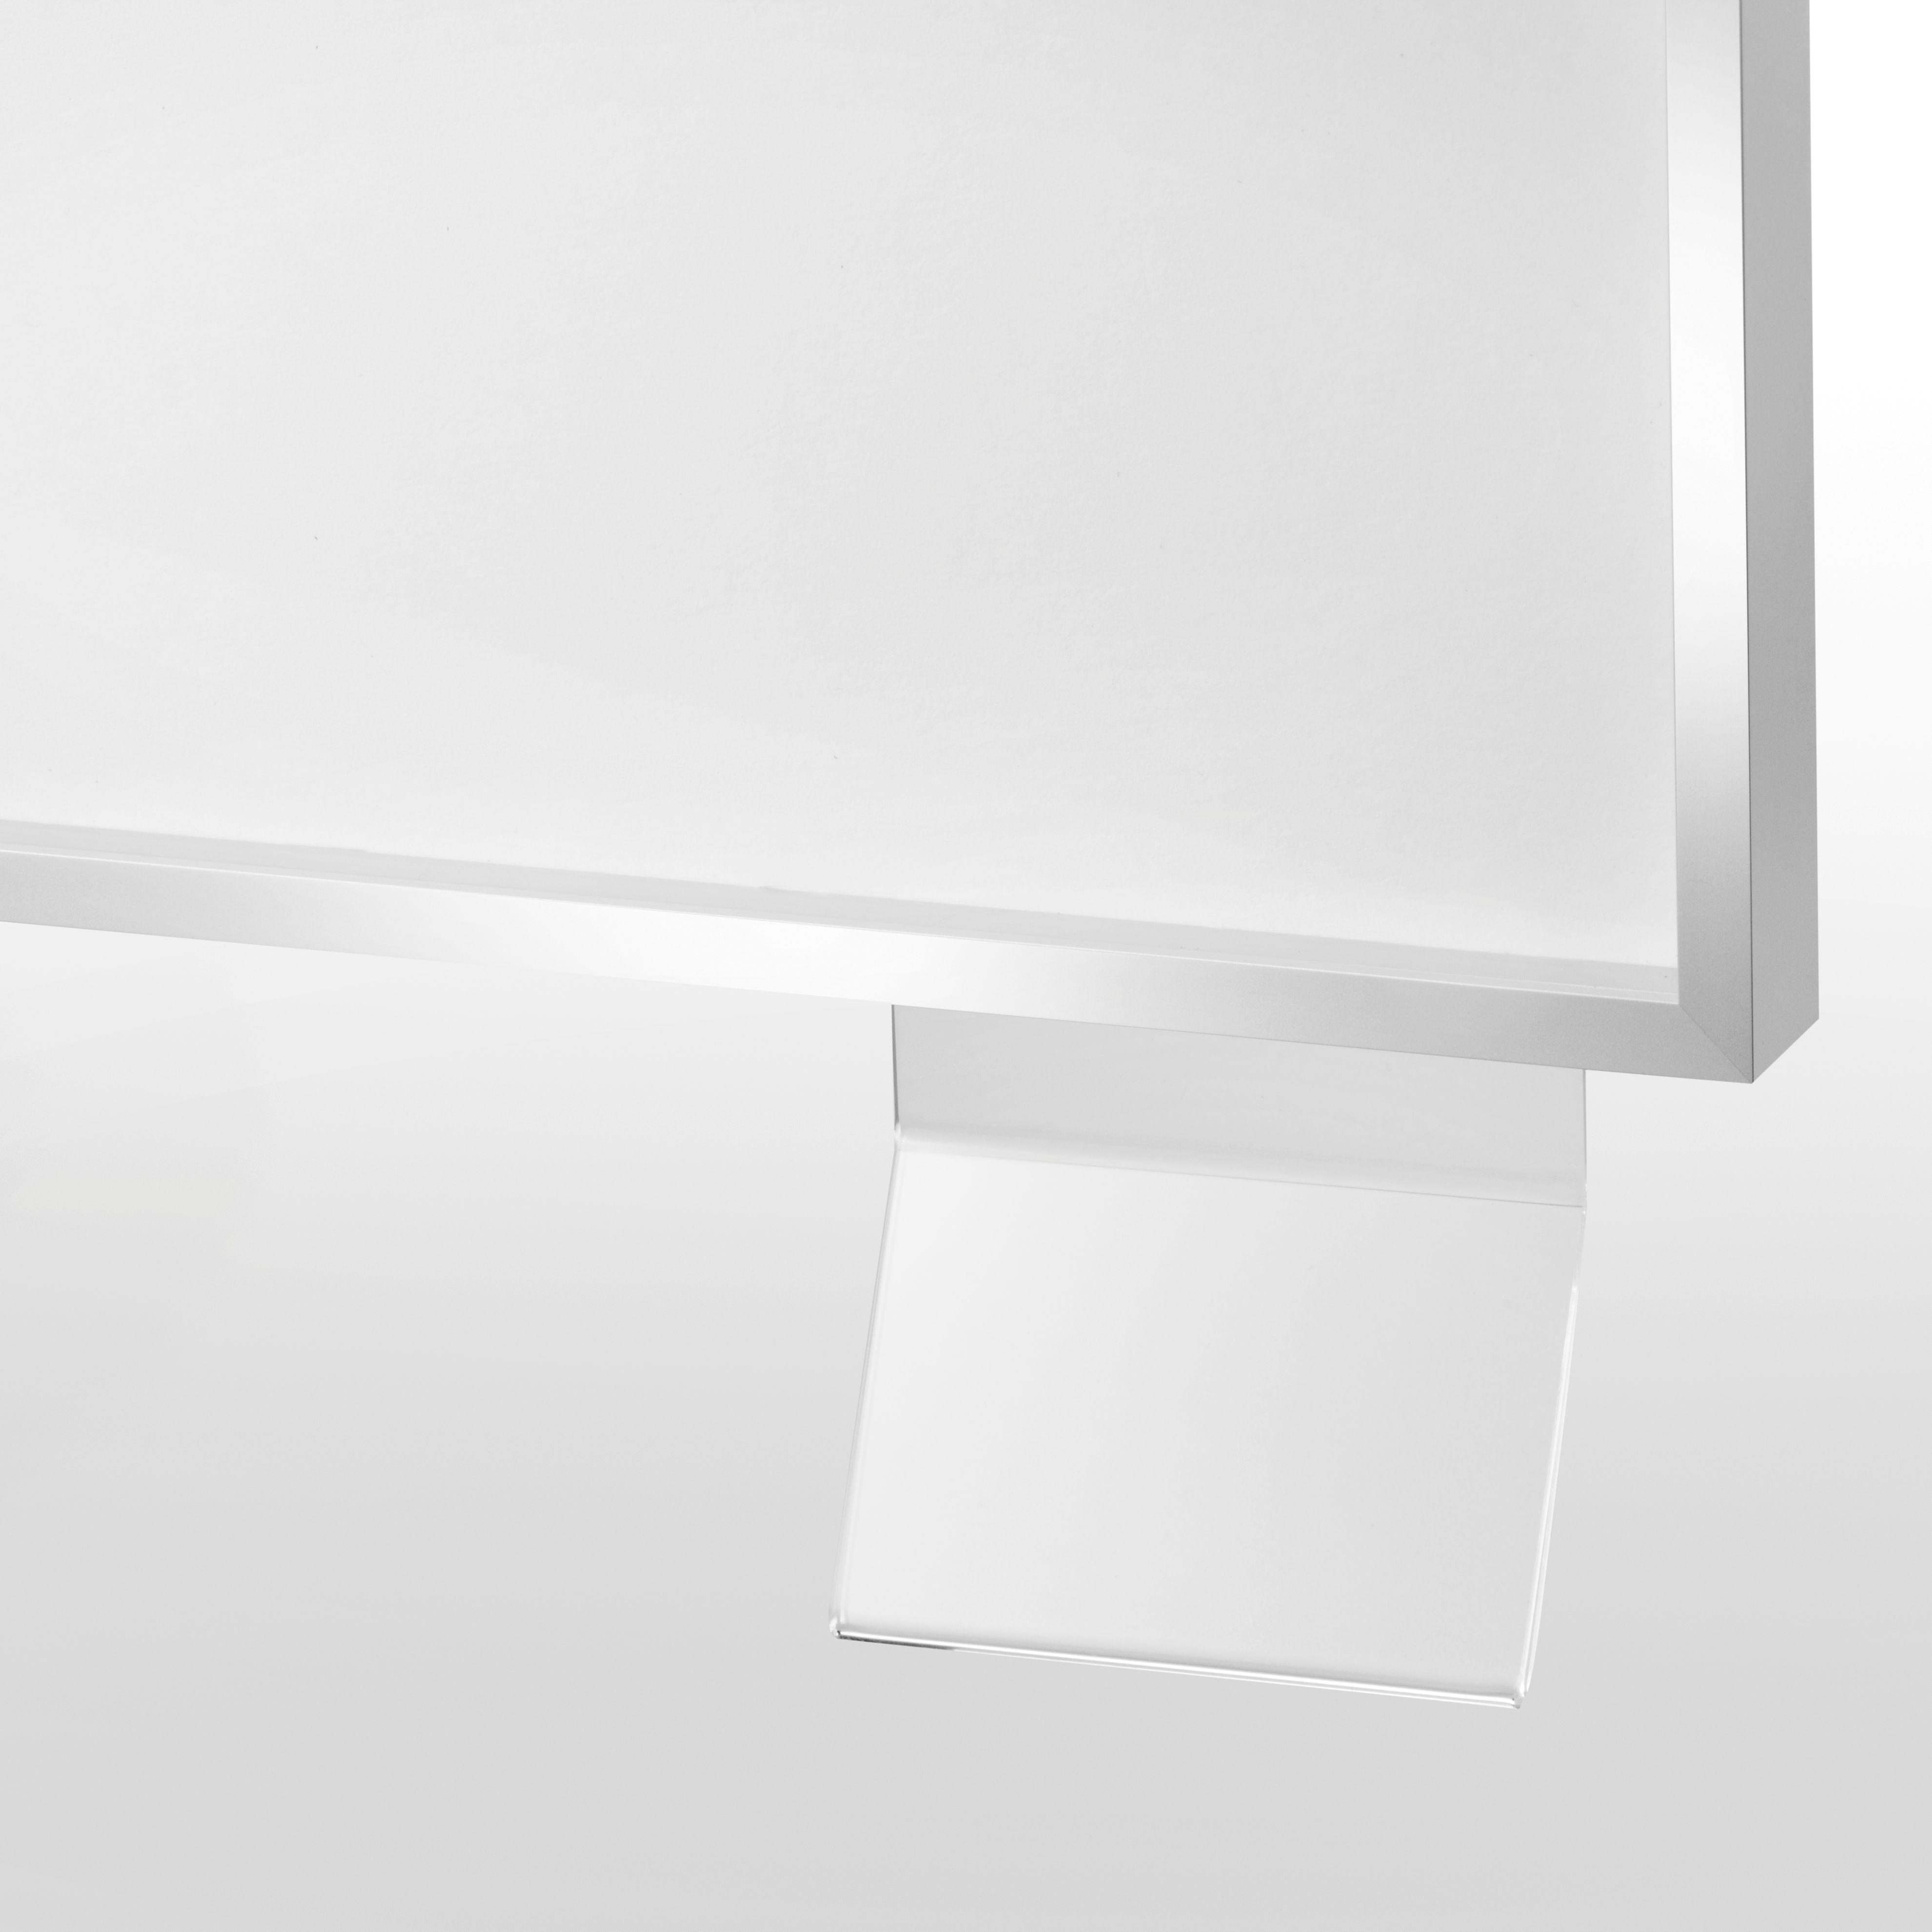 Bilderrahmen Zubehör für Ausstellungen online kaufen | HALBE-Rahmen GmbH